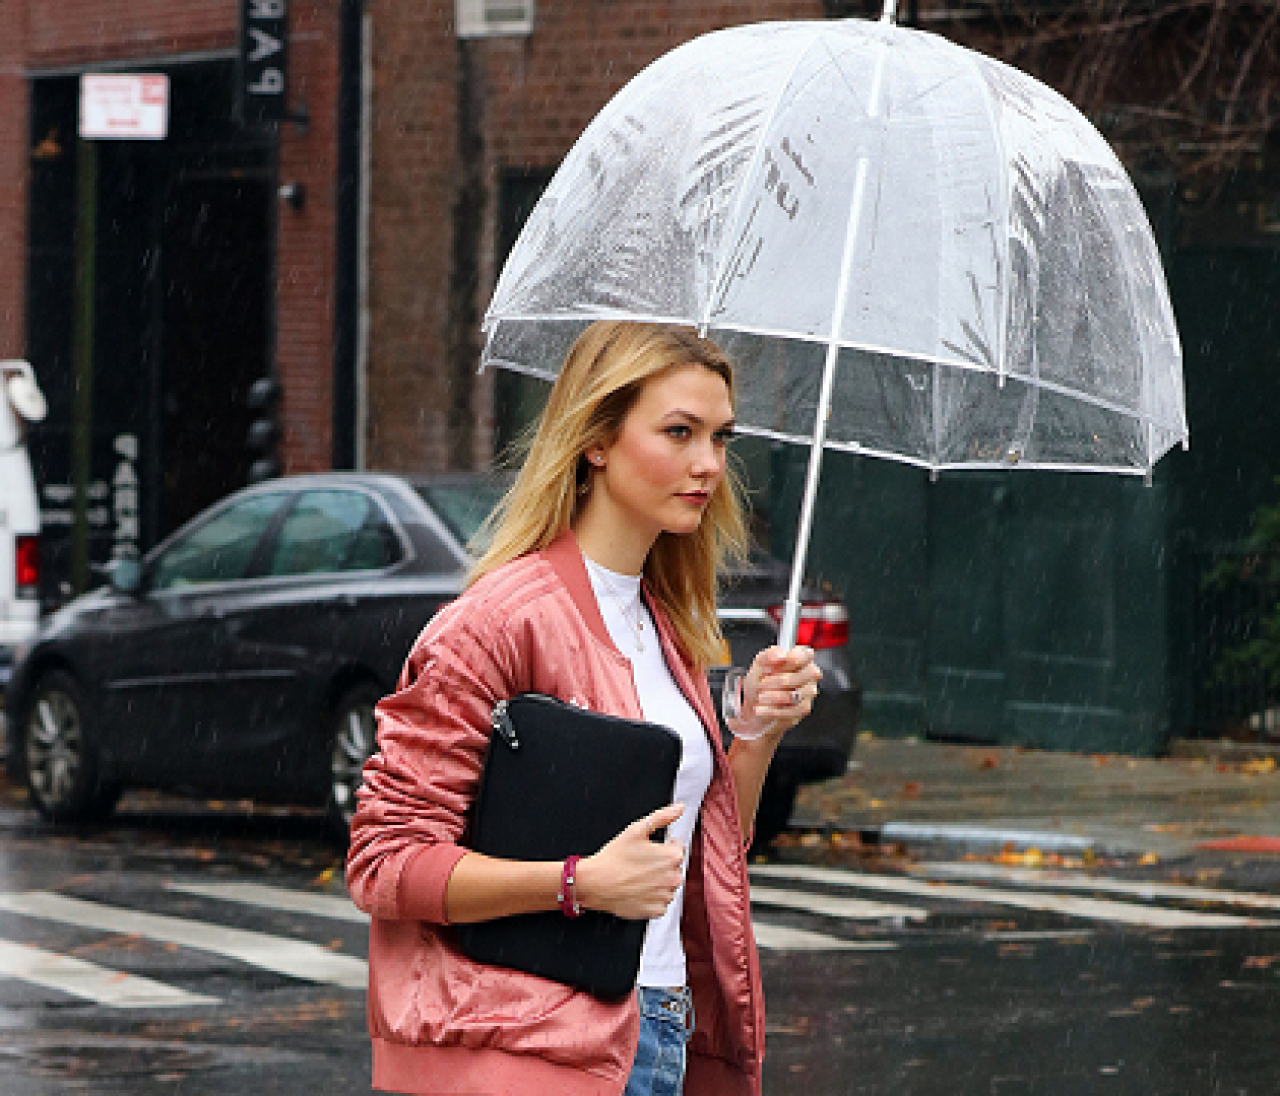 傘さすセレブ&ささないセレブ。雨の日だって絵になることが第一です